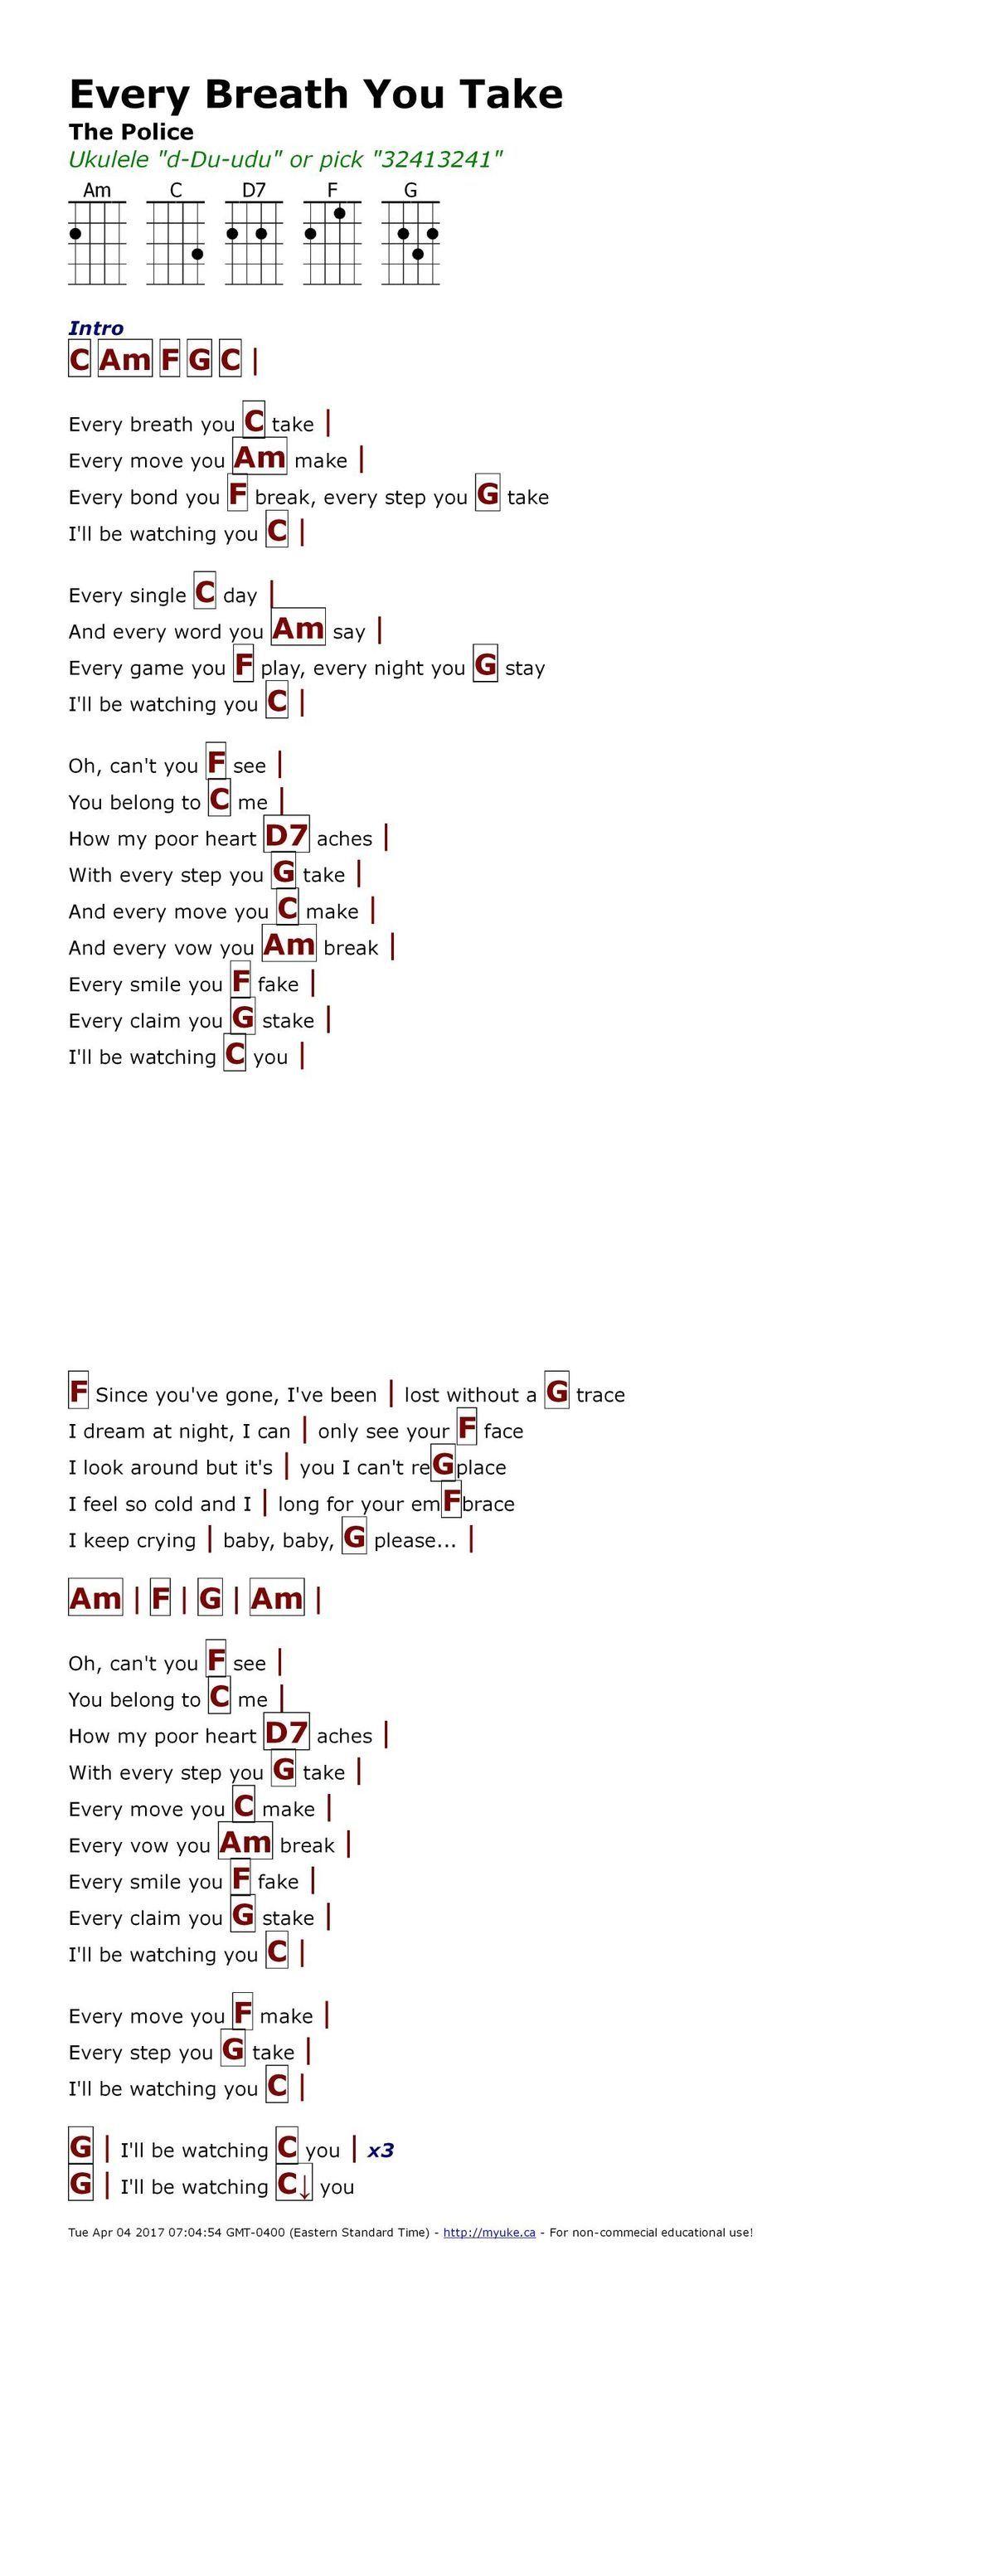 Pin By Lori Smith On Ukelele Ukulele Chords Songs Ukulele Songs Ukelele Chords Ukulele Songs